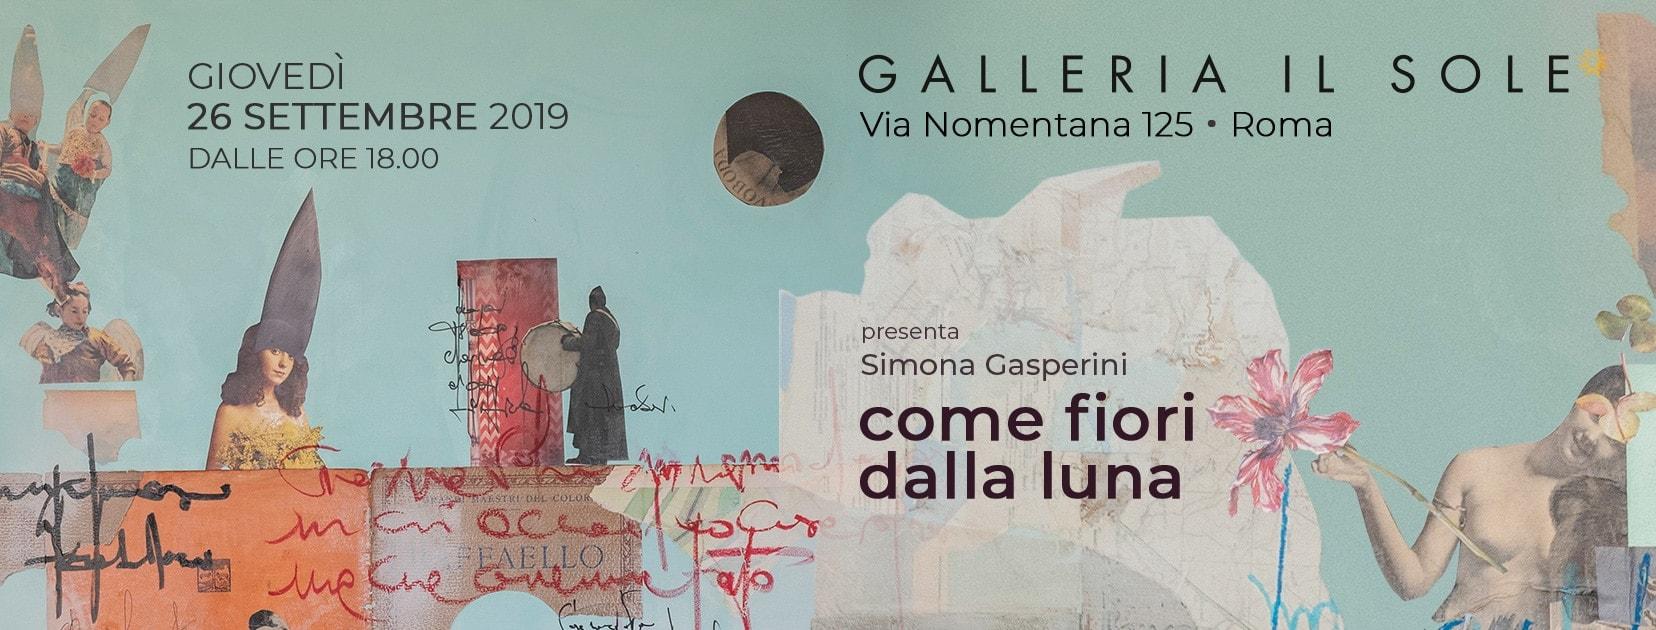 Simona Gasperini - come fiori dalla luna